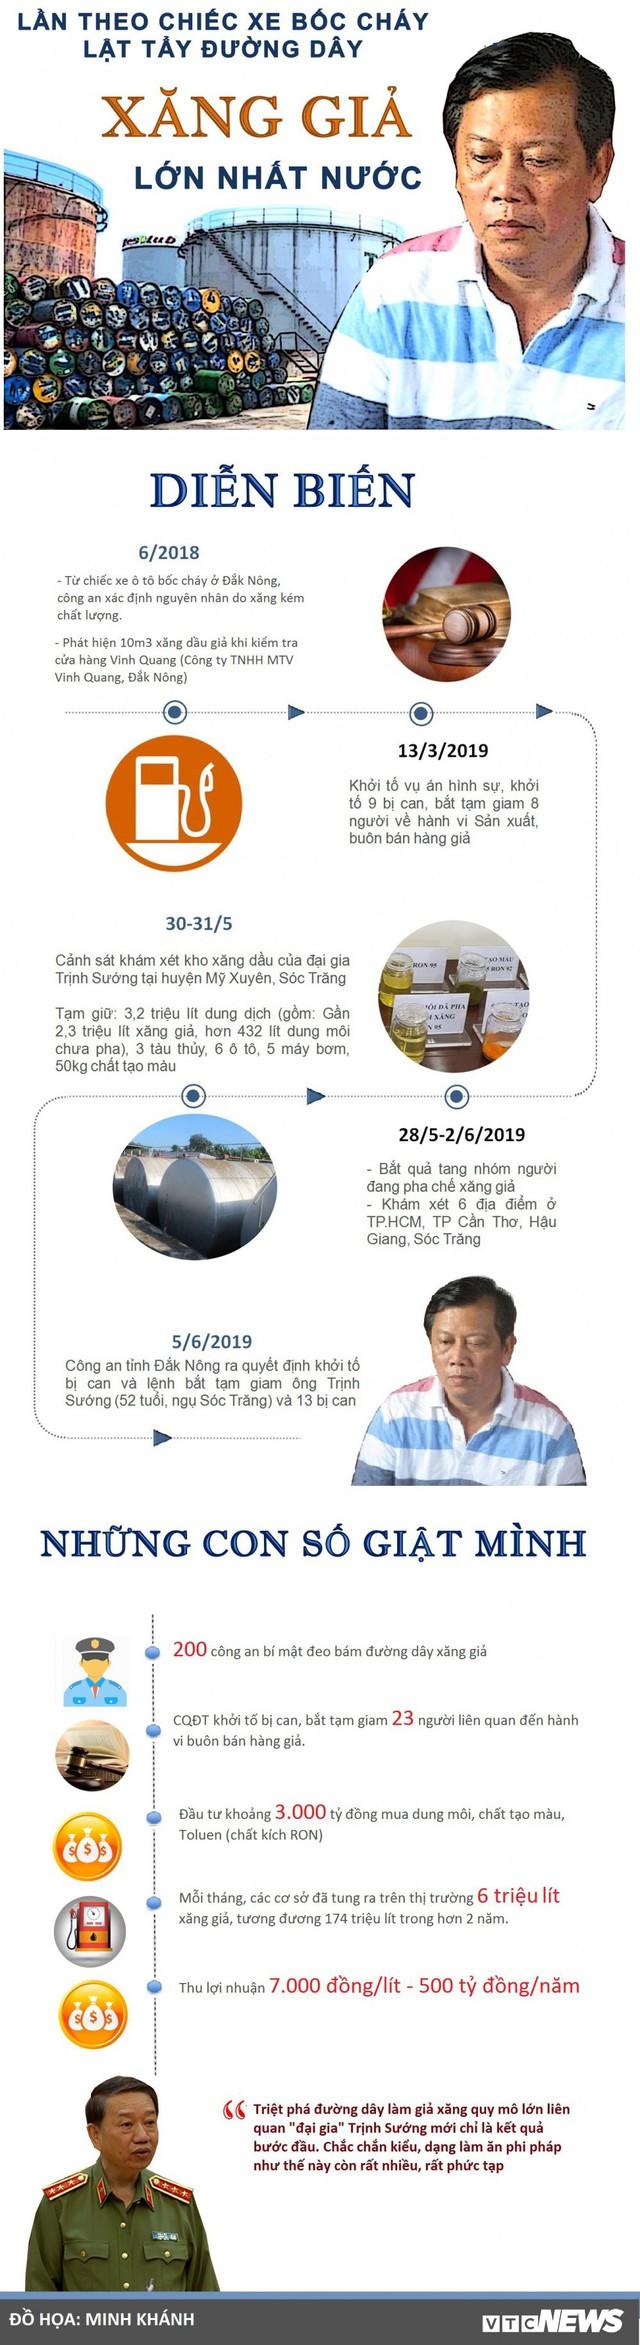 Cần Thơ có 27 đại lý bán xăng dầu của đại gia Trịnh Sướng - Ảnh 4.